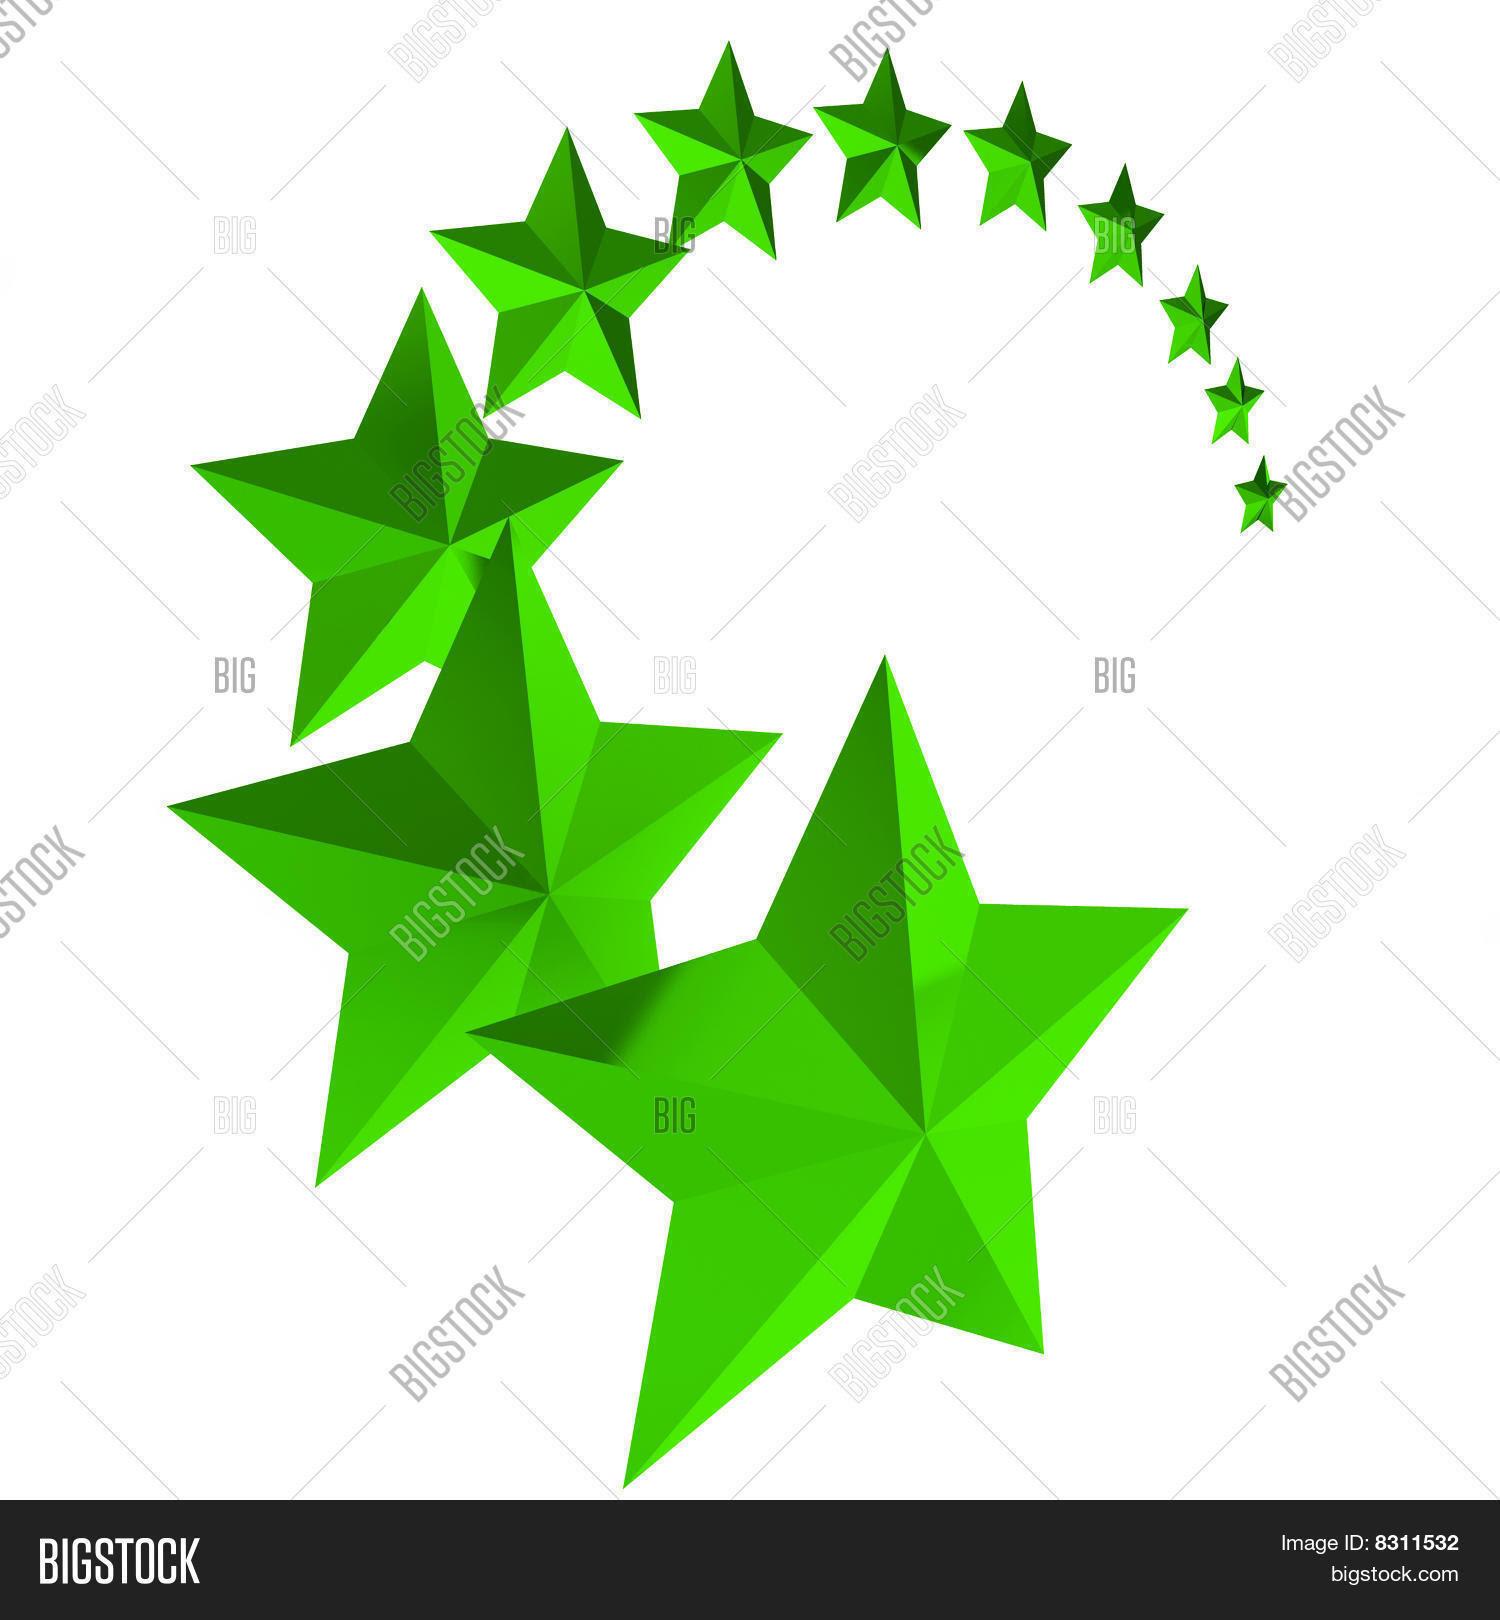 Resultado de imagen para ESTRELLAS verdes